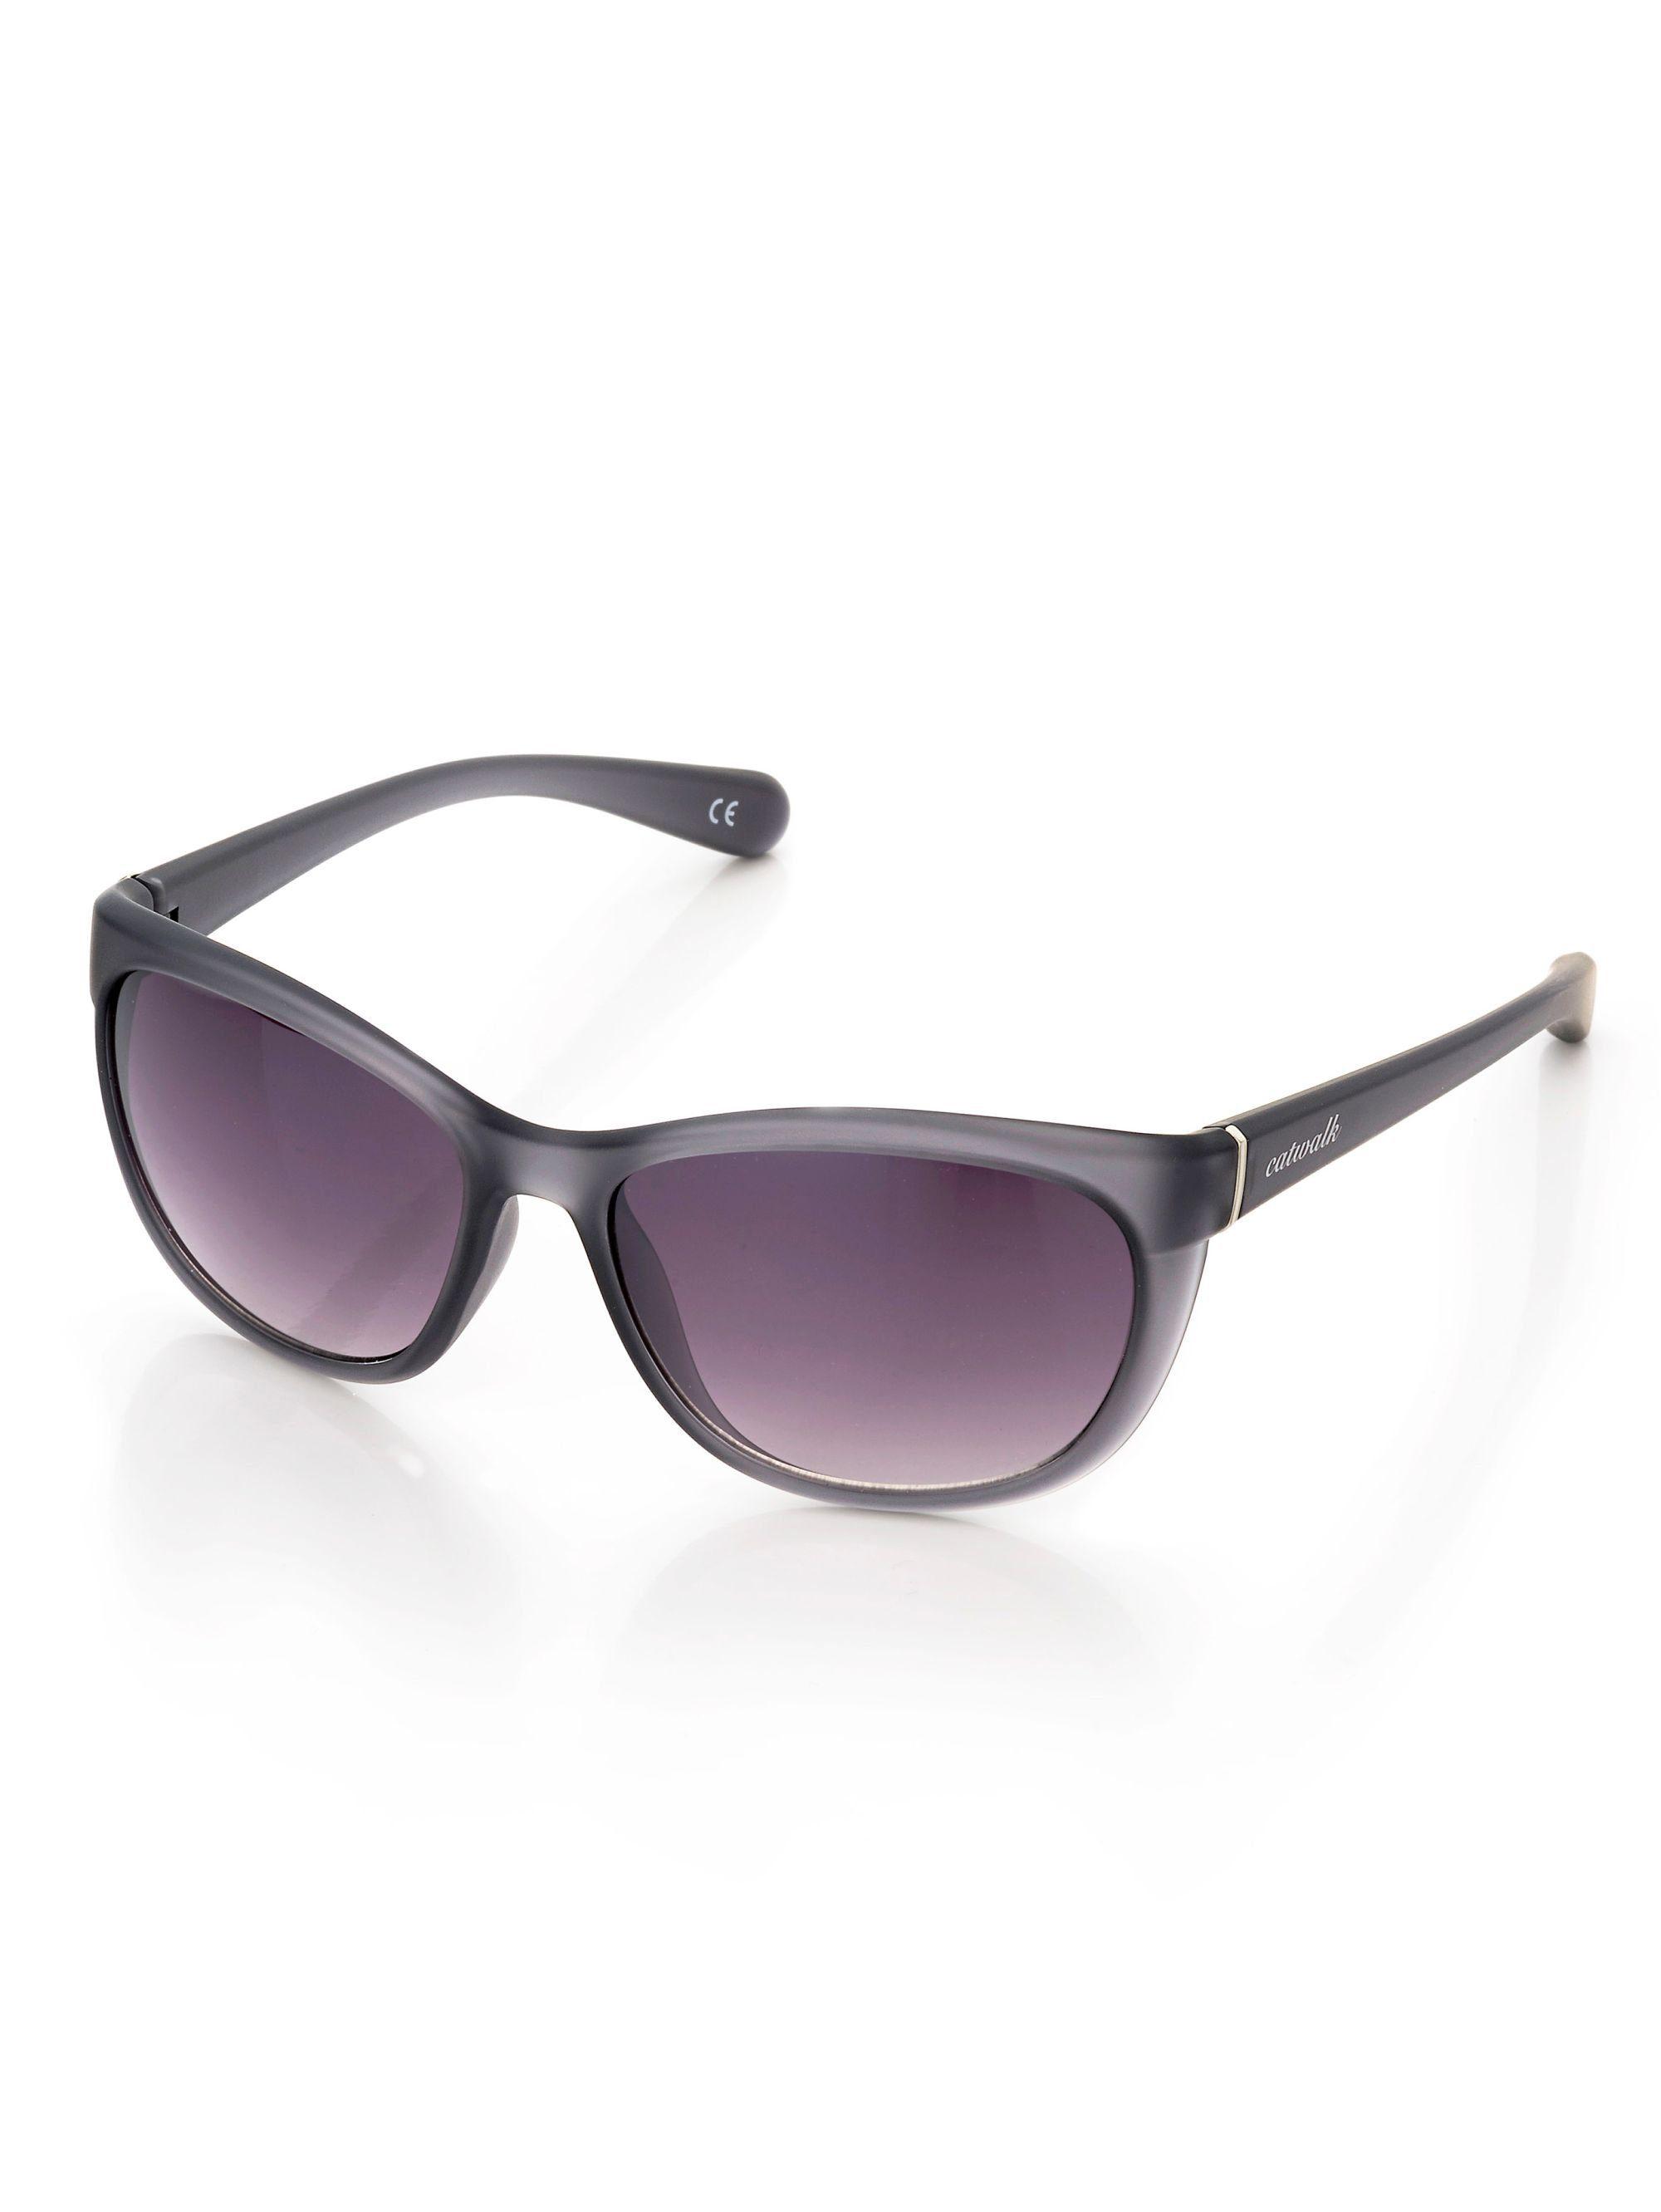 Alba Moda Sonnenbrille mit getönten Gläsern